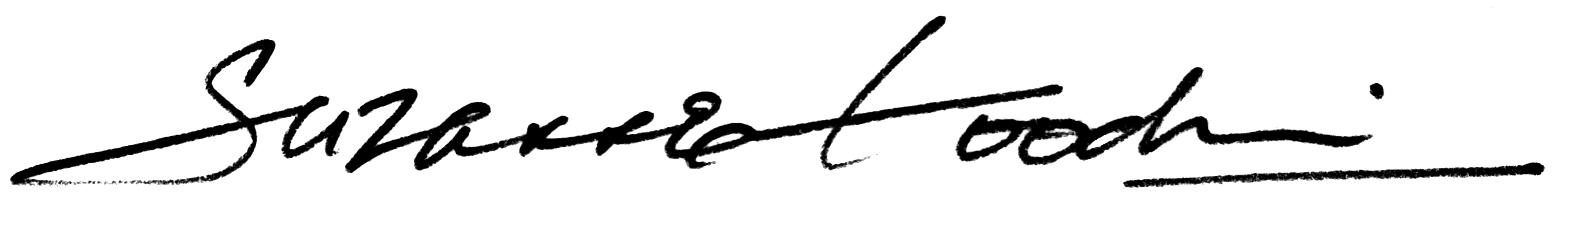 Suzanne Goodwin Signature